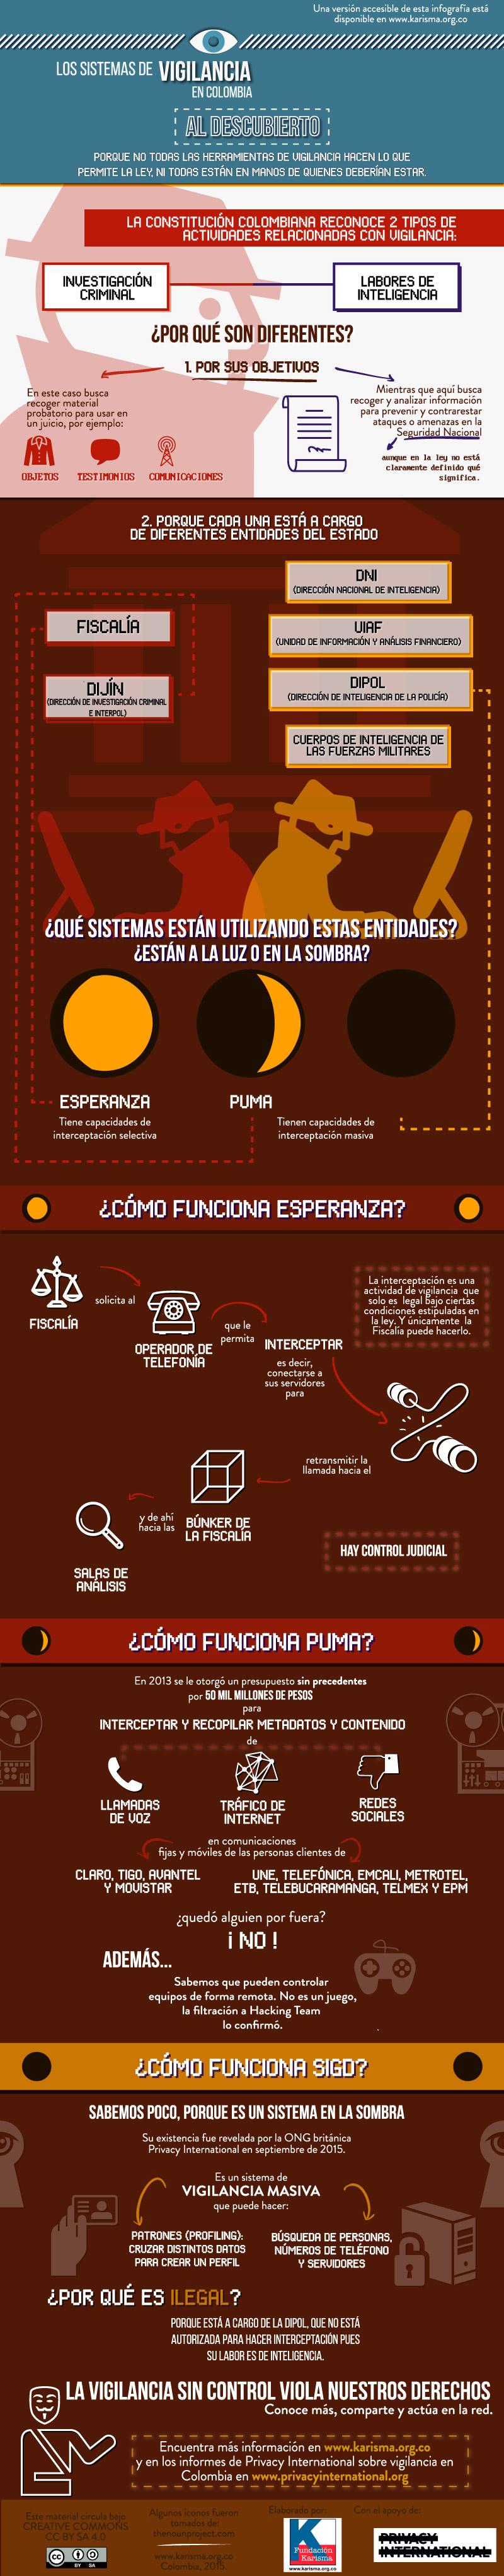 infografía_vigilancia_colombia